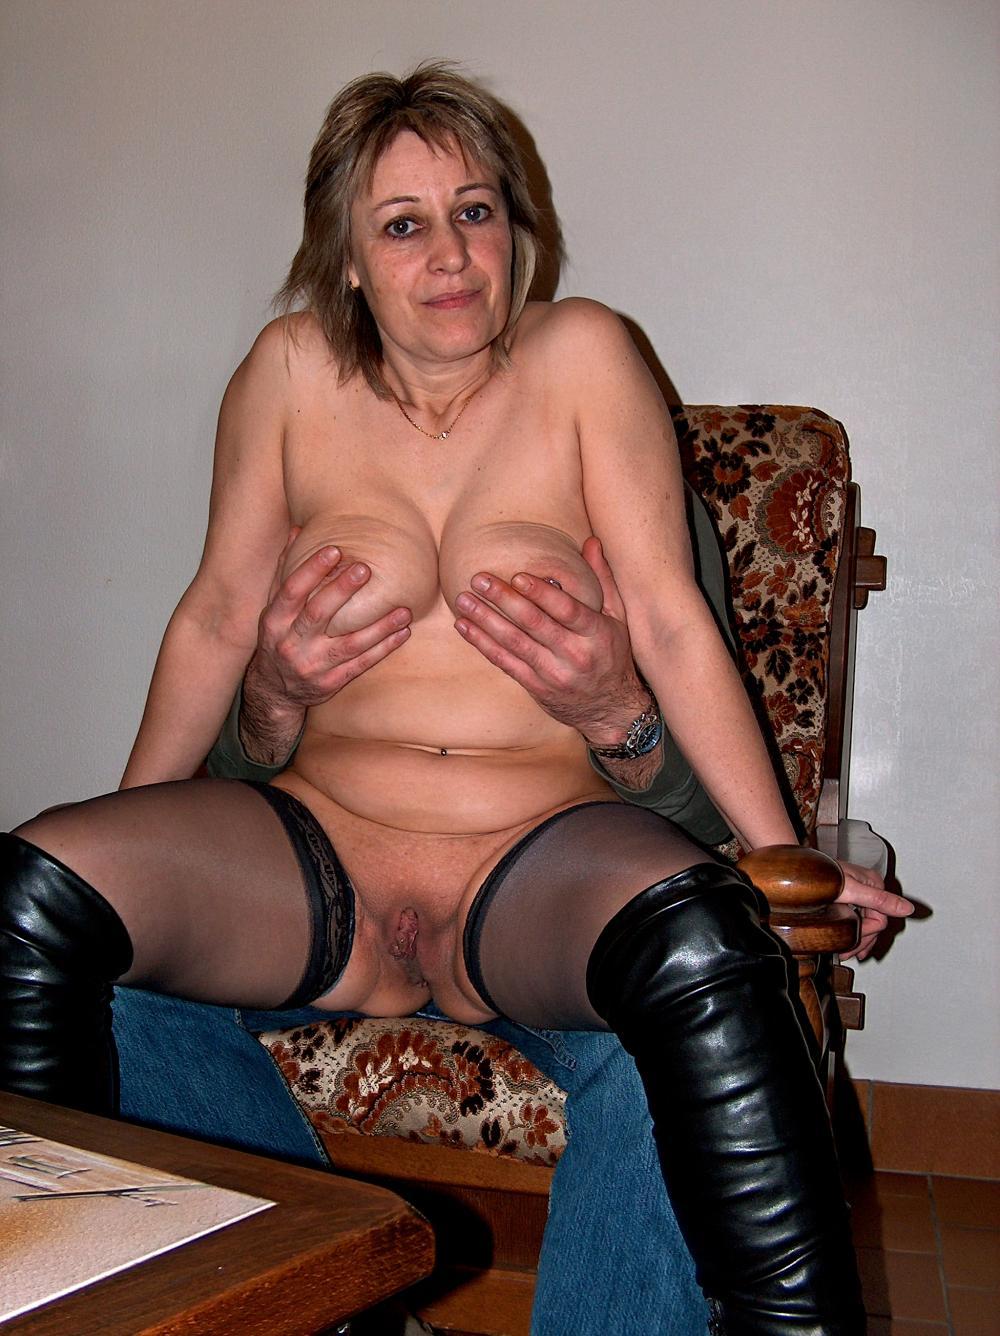 Голые зрелые женщины порно сидит на кресле, мужик сзади схватил и мнет сиськи, ноги раздвинула в чулках и высоких черных сапогах, пизда бритая